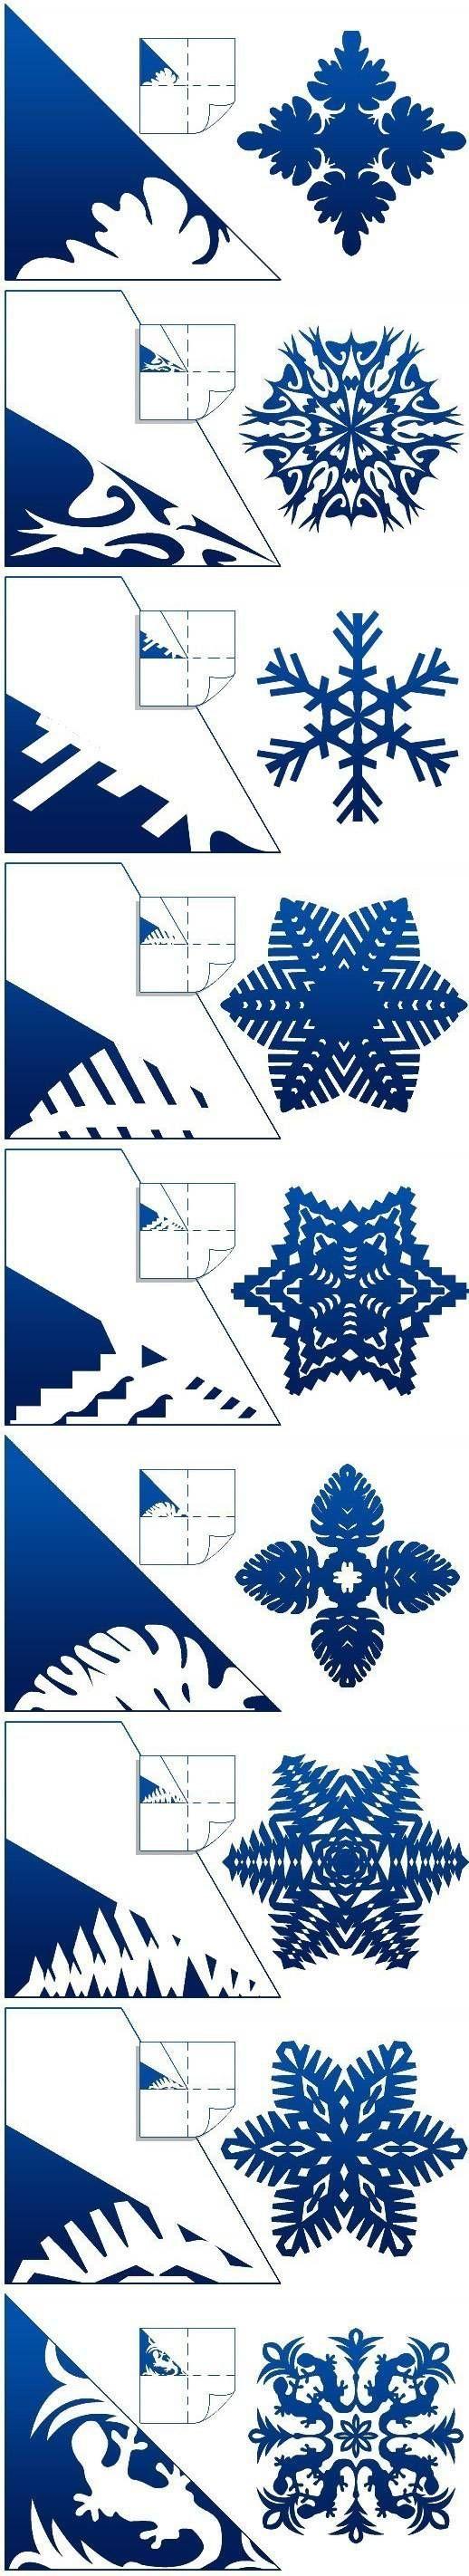 Бумажные снежинки своими руками схемы простые